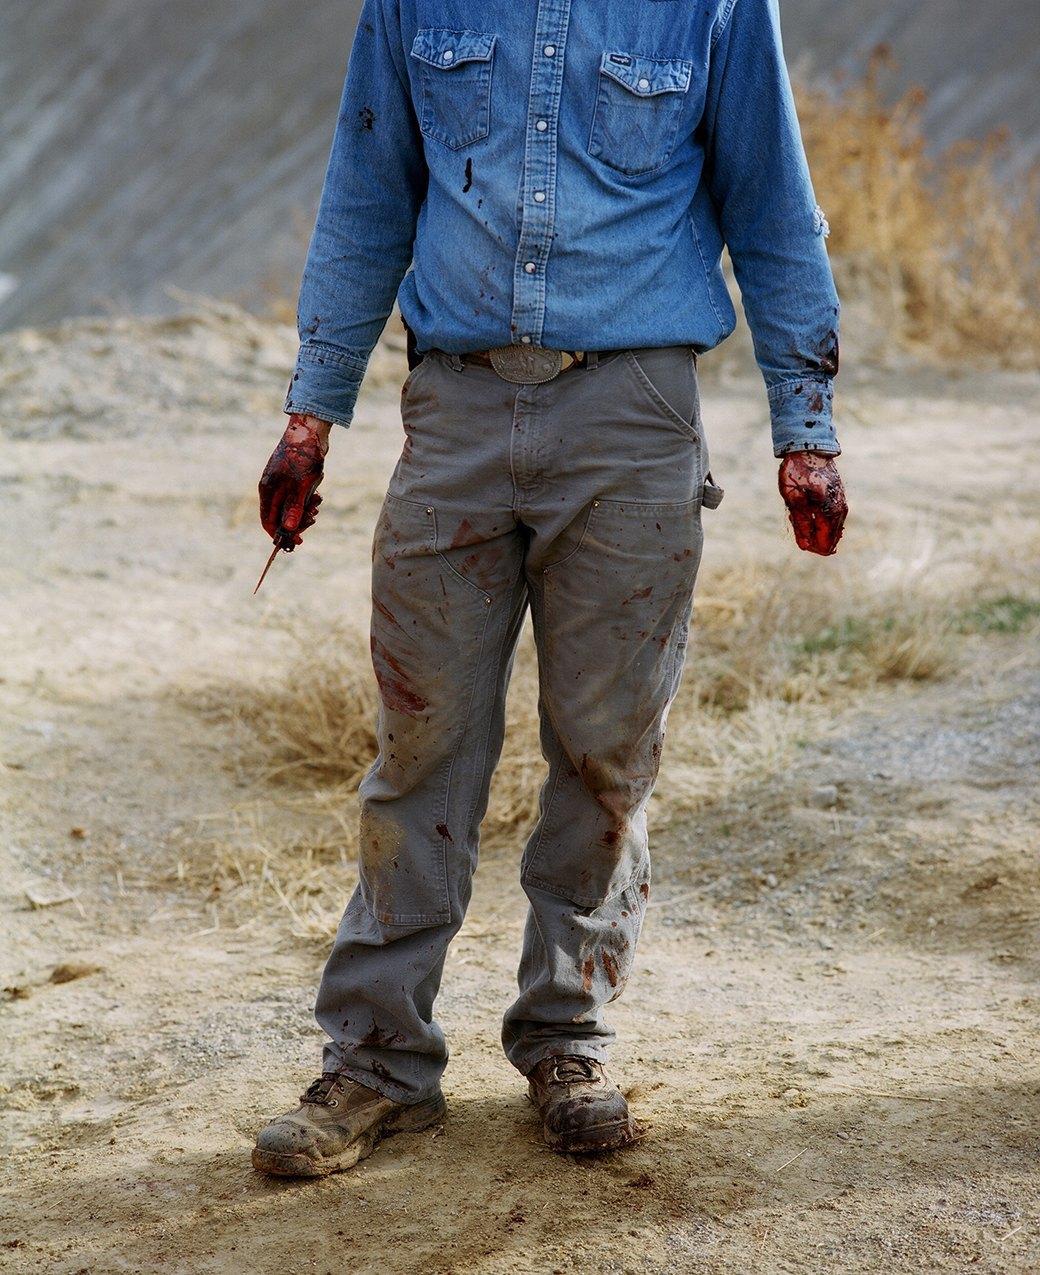 Бытовая жизнь работников бизоньего ранчо в США . Изображение № 24.